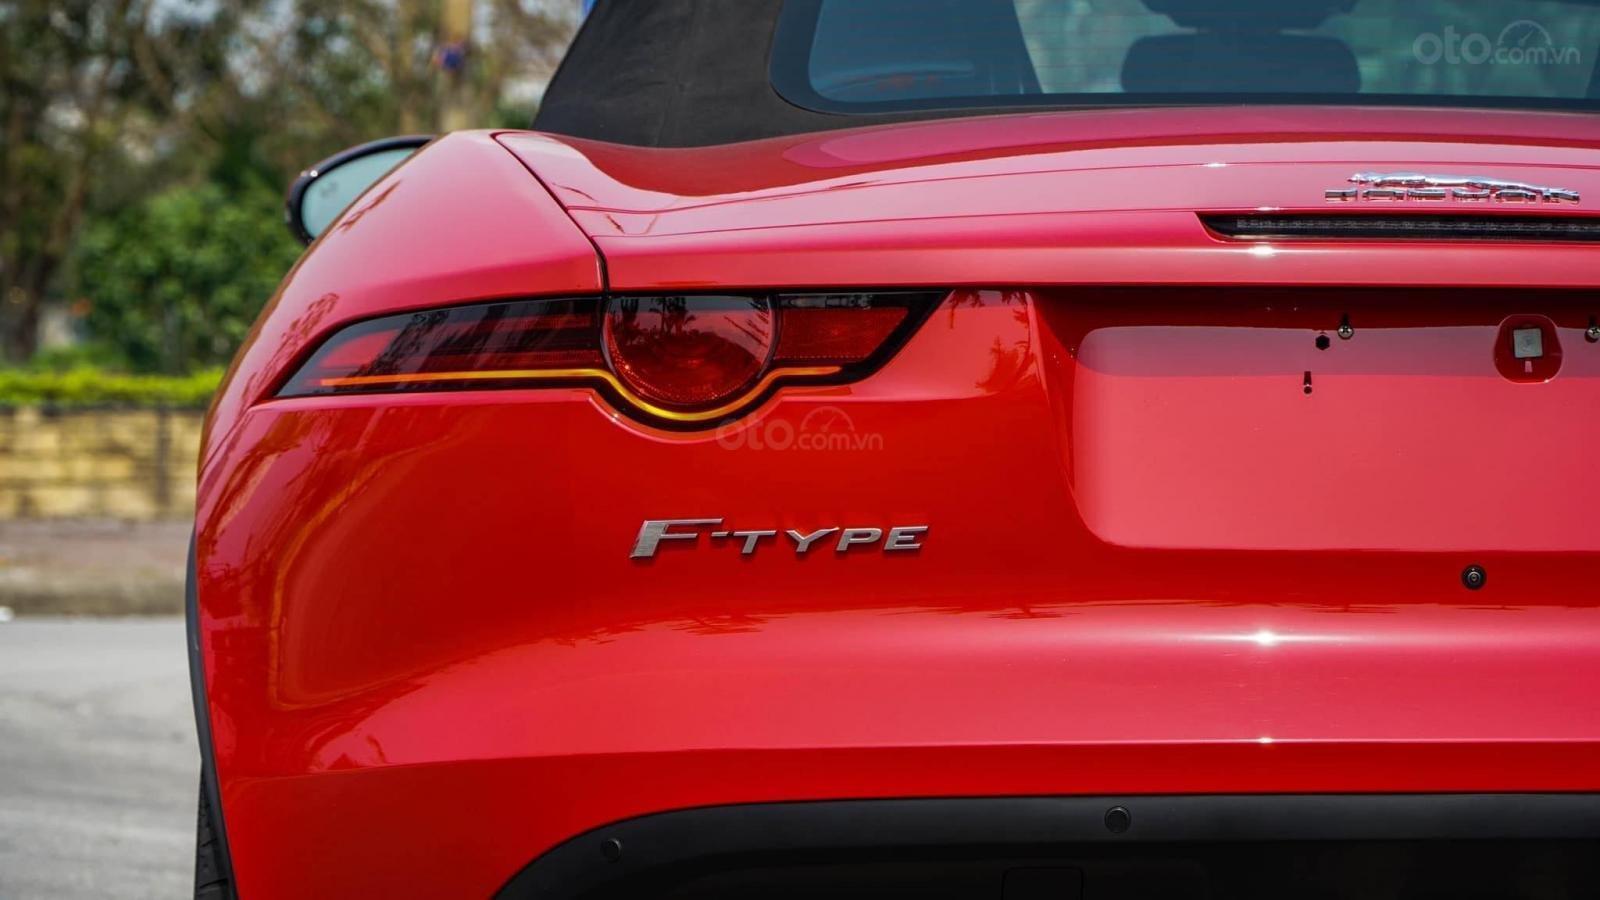 Cần bán xe Jaguar F Type Convertible sản xuất năm 2018, màu đỏ, nhập khẩu (3)